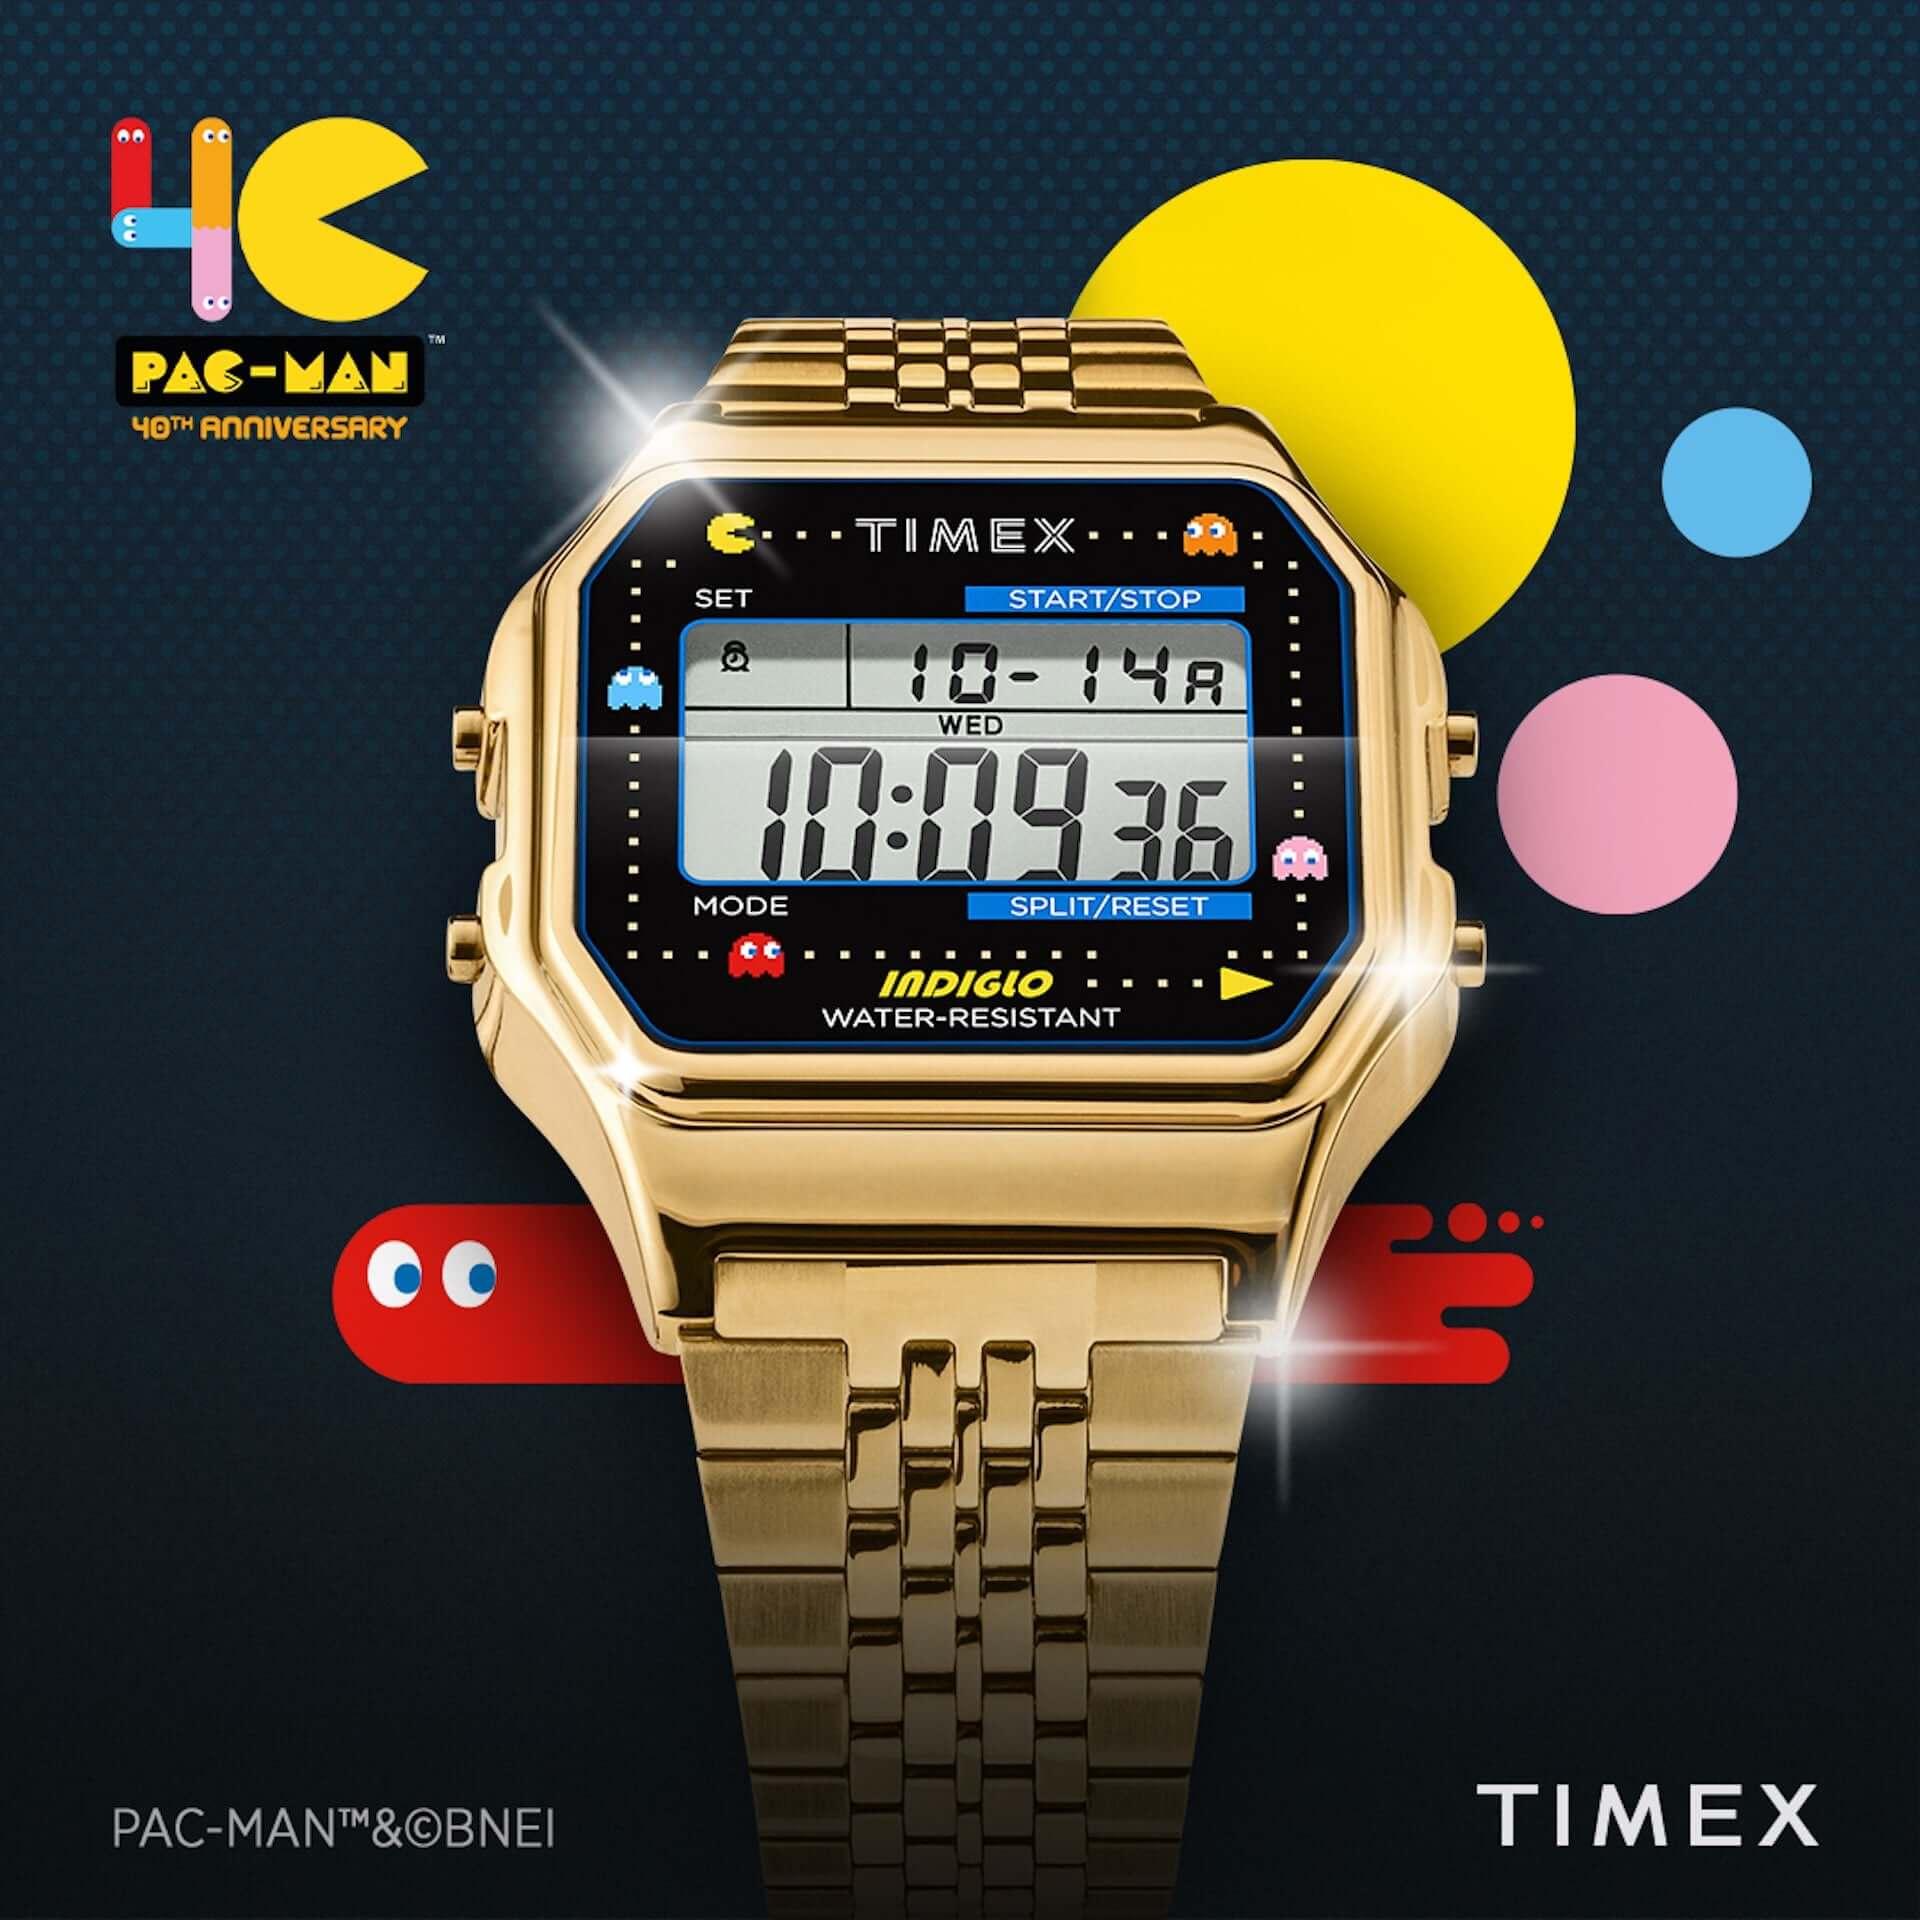 『パックマン』生誕40周年記念!米国の腕時計ブランド「タイメックス」から昨年即完売したコラボモデルが発売決定 tech200729_timex-pacman_6-1920x1920